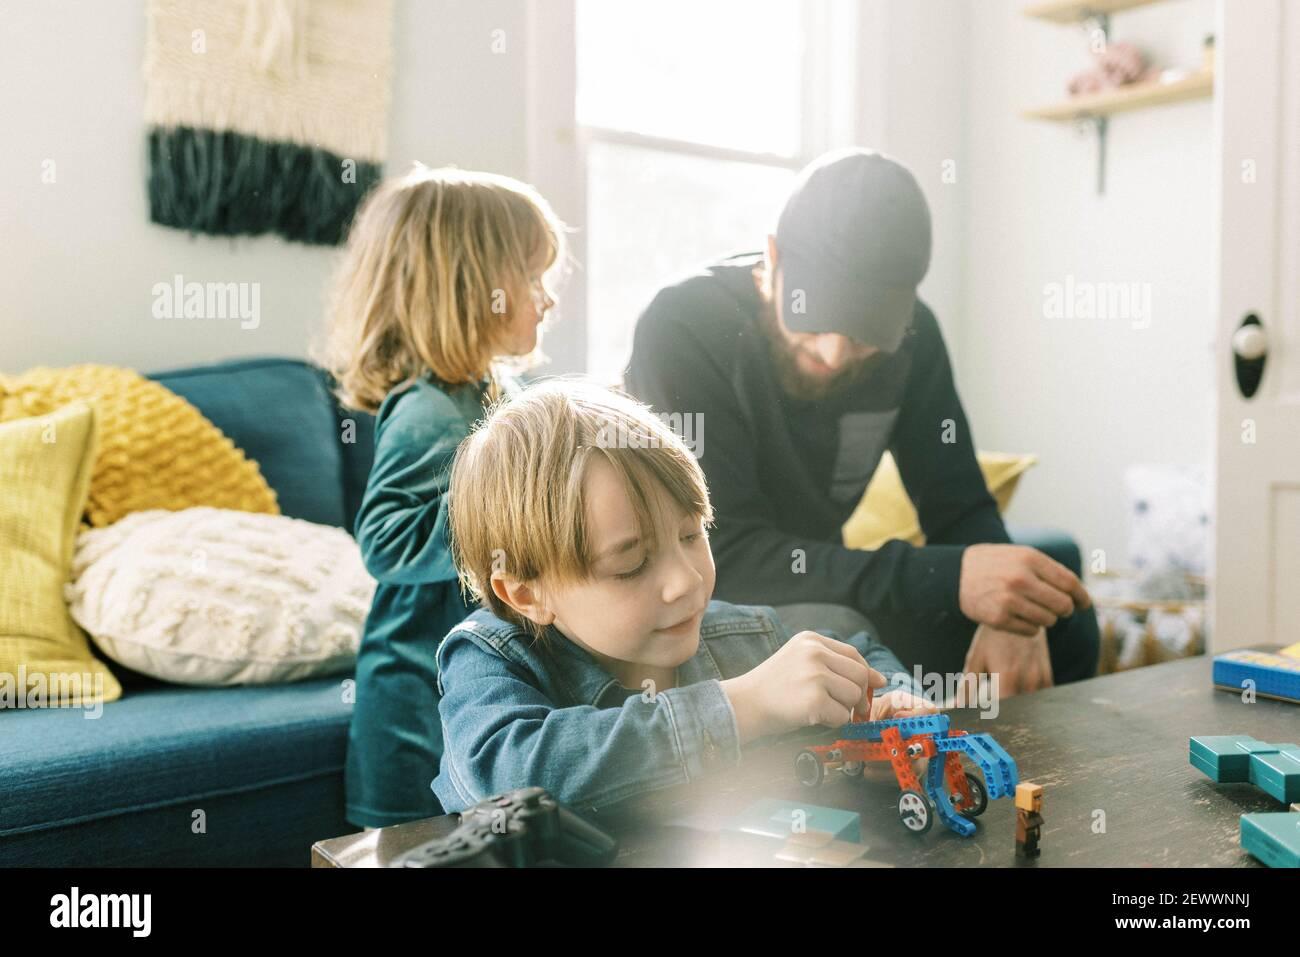 un pequeño y experto jugando con juguetes de construcción en la familia habitación Foto de stock